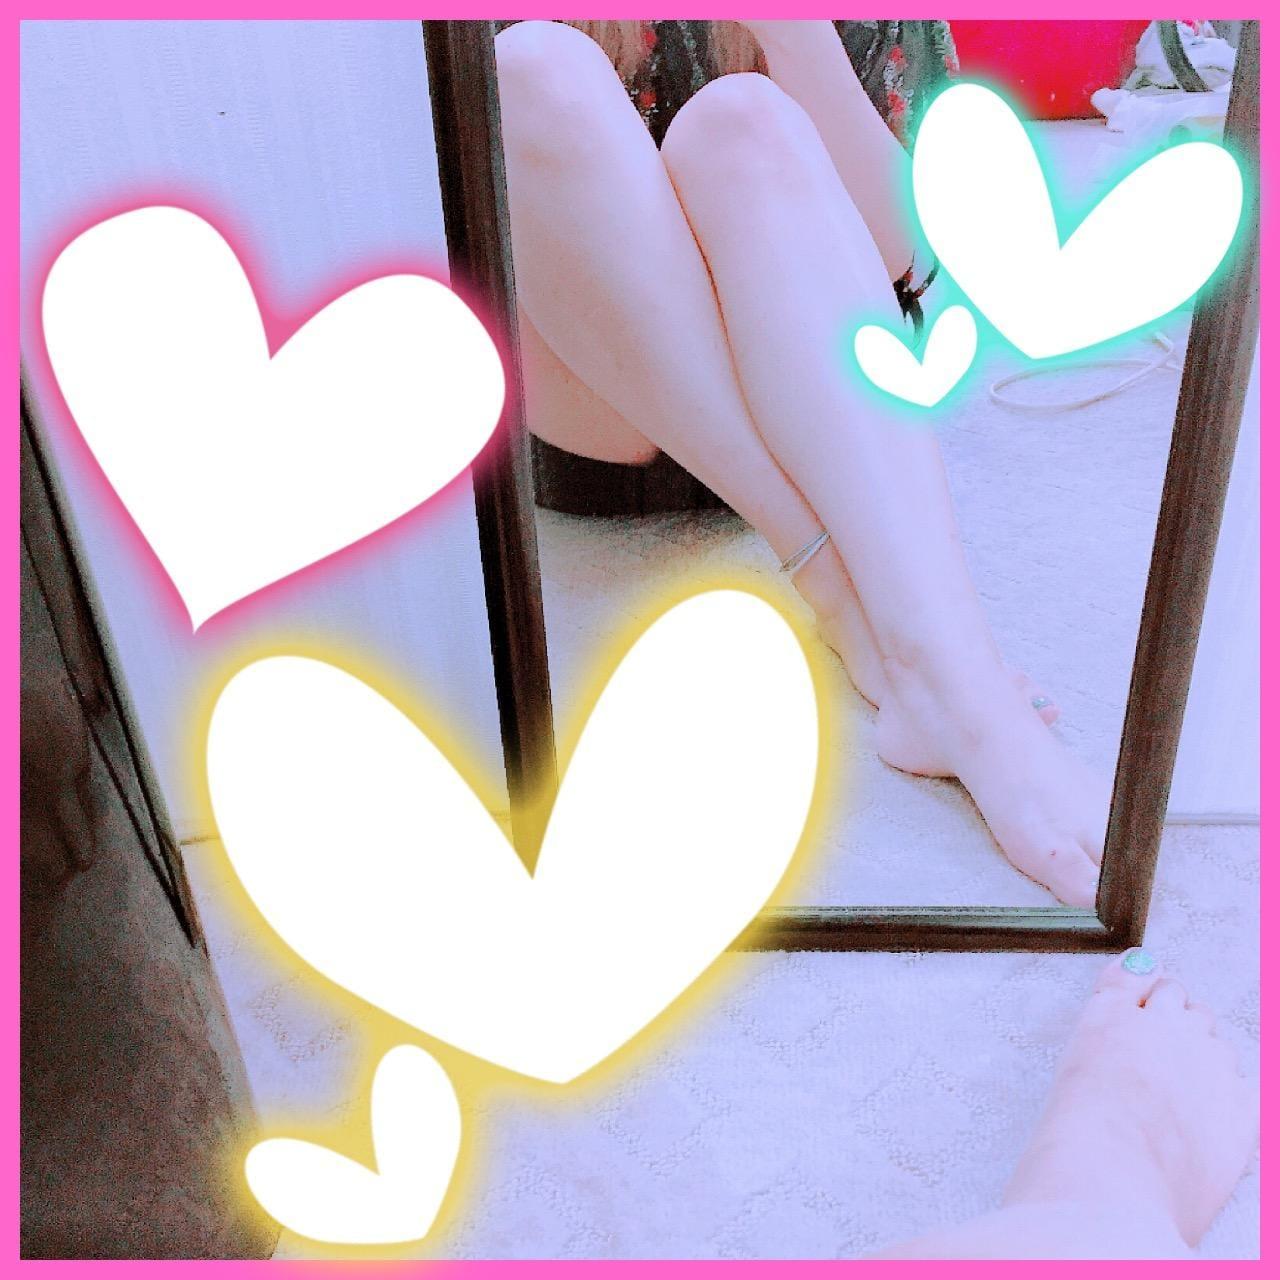 「お礼だよ〜♪」01/19(土) 22:07 | ルカ【ドS♪イラマ!アナル舐めの写メ・風俗動画